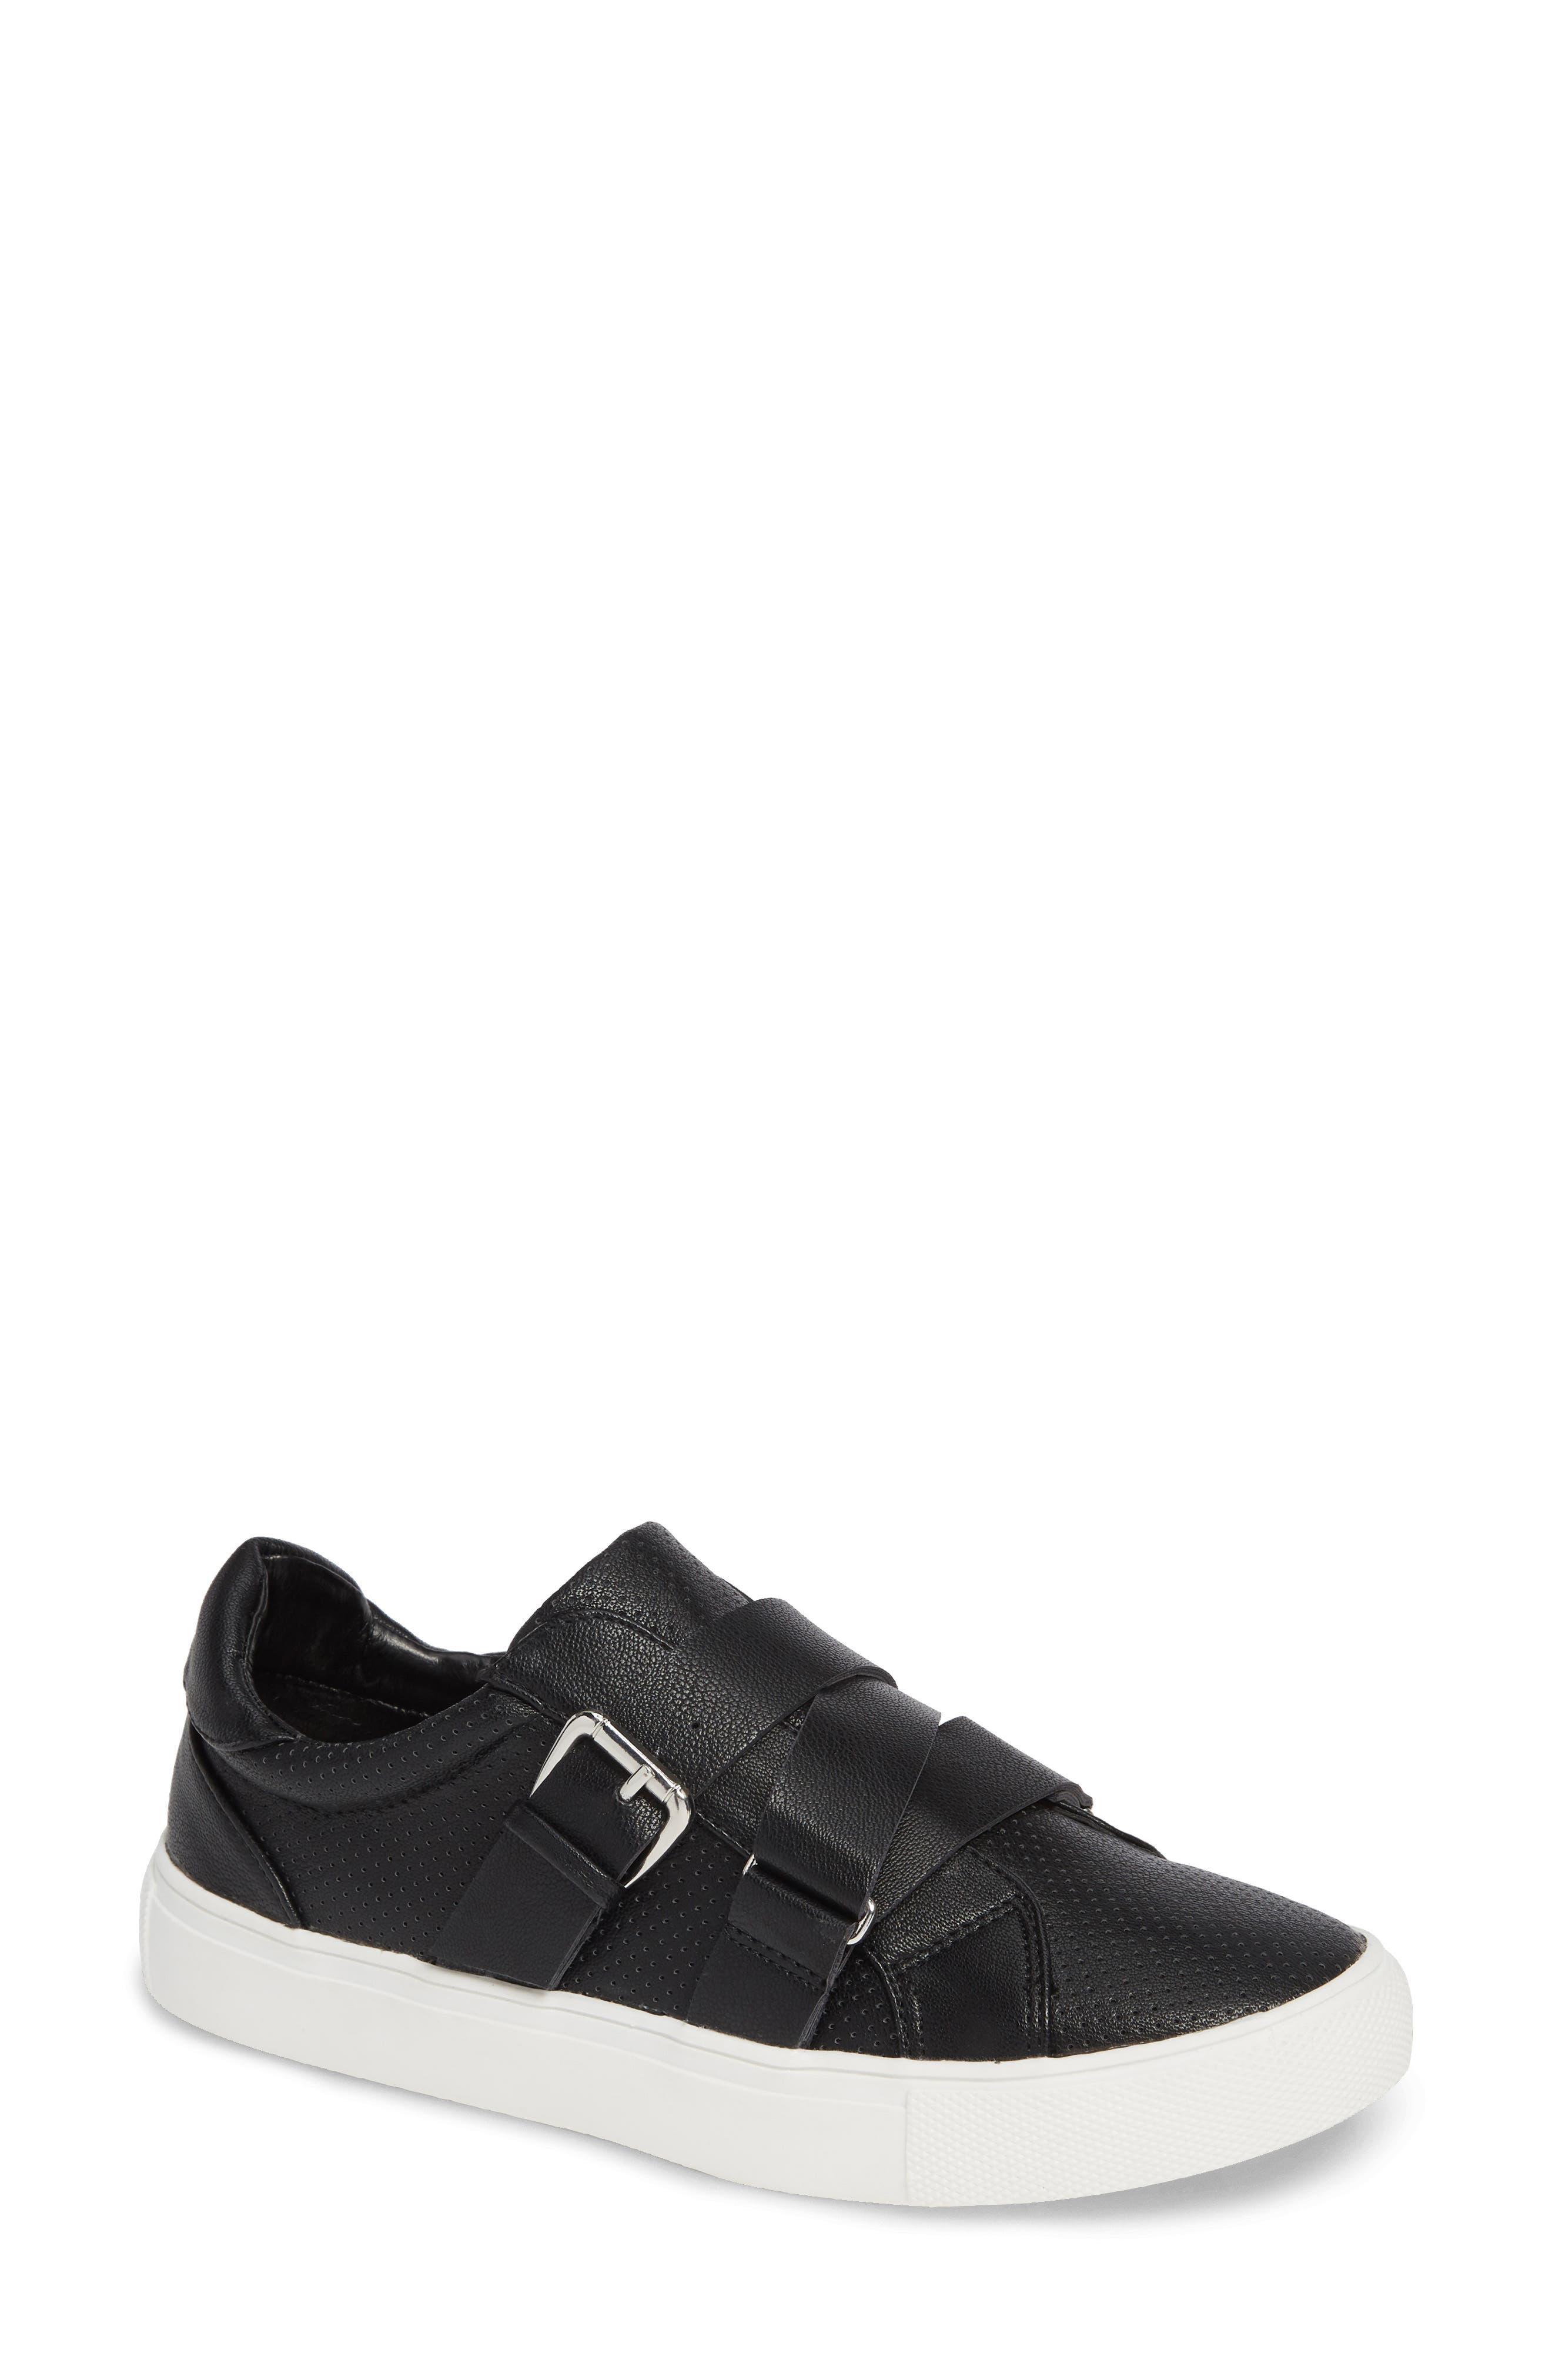 Kaelynn Sneaker,                         Main,                         color, BLACK